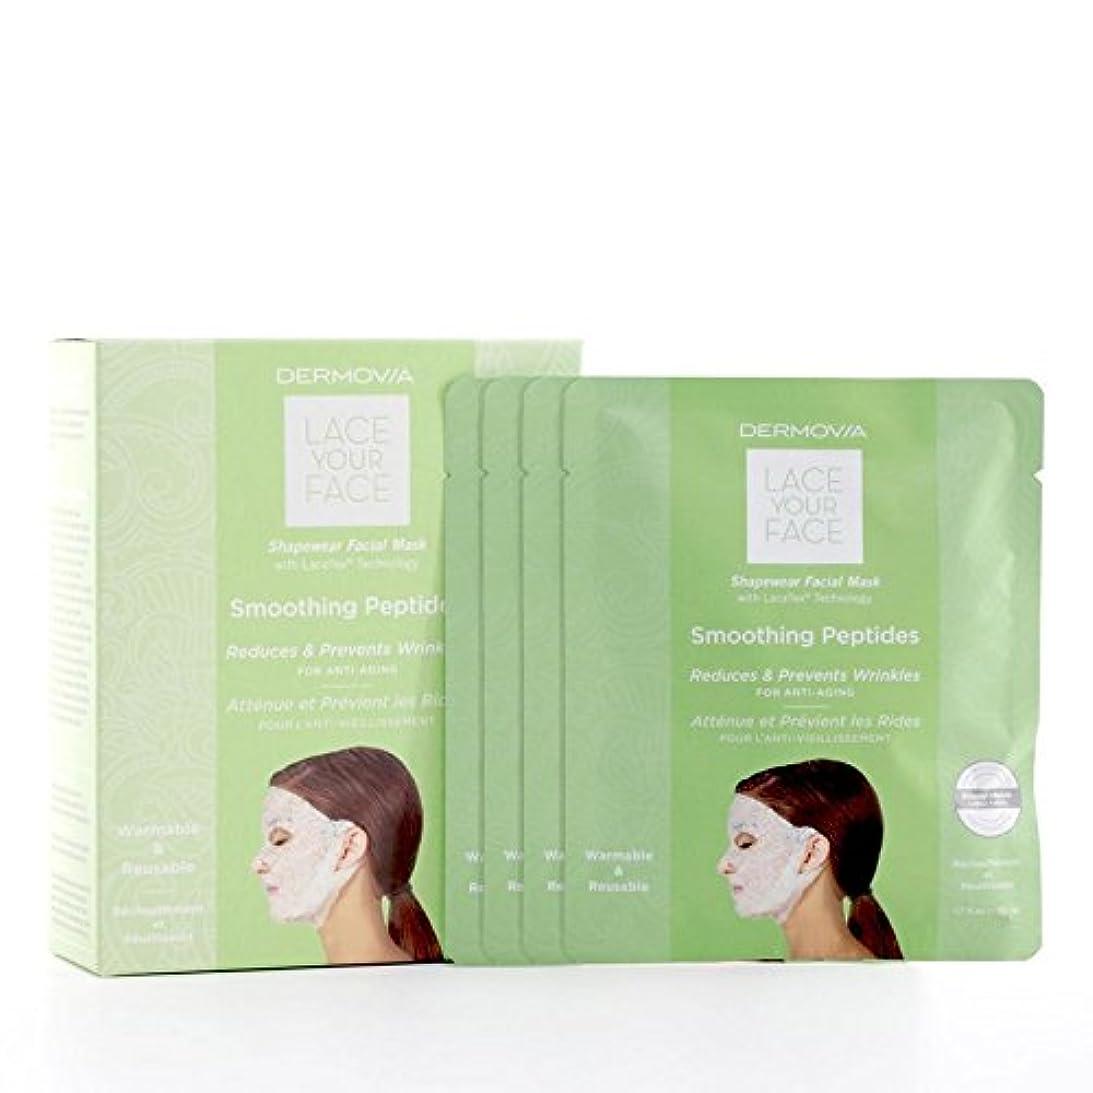 麻痺哲学博士機械Dermovia Lace Your Face Compression Facial Mask Smoothing Peptides (Pack of 6) - は、あなたの顔の圧縮フェイシャルマスク平滑化ペプチドをひもで...